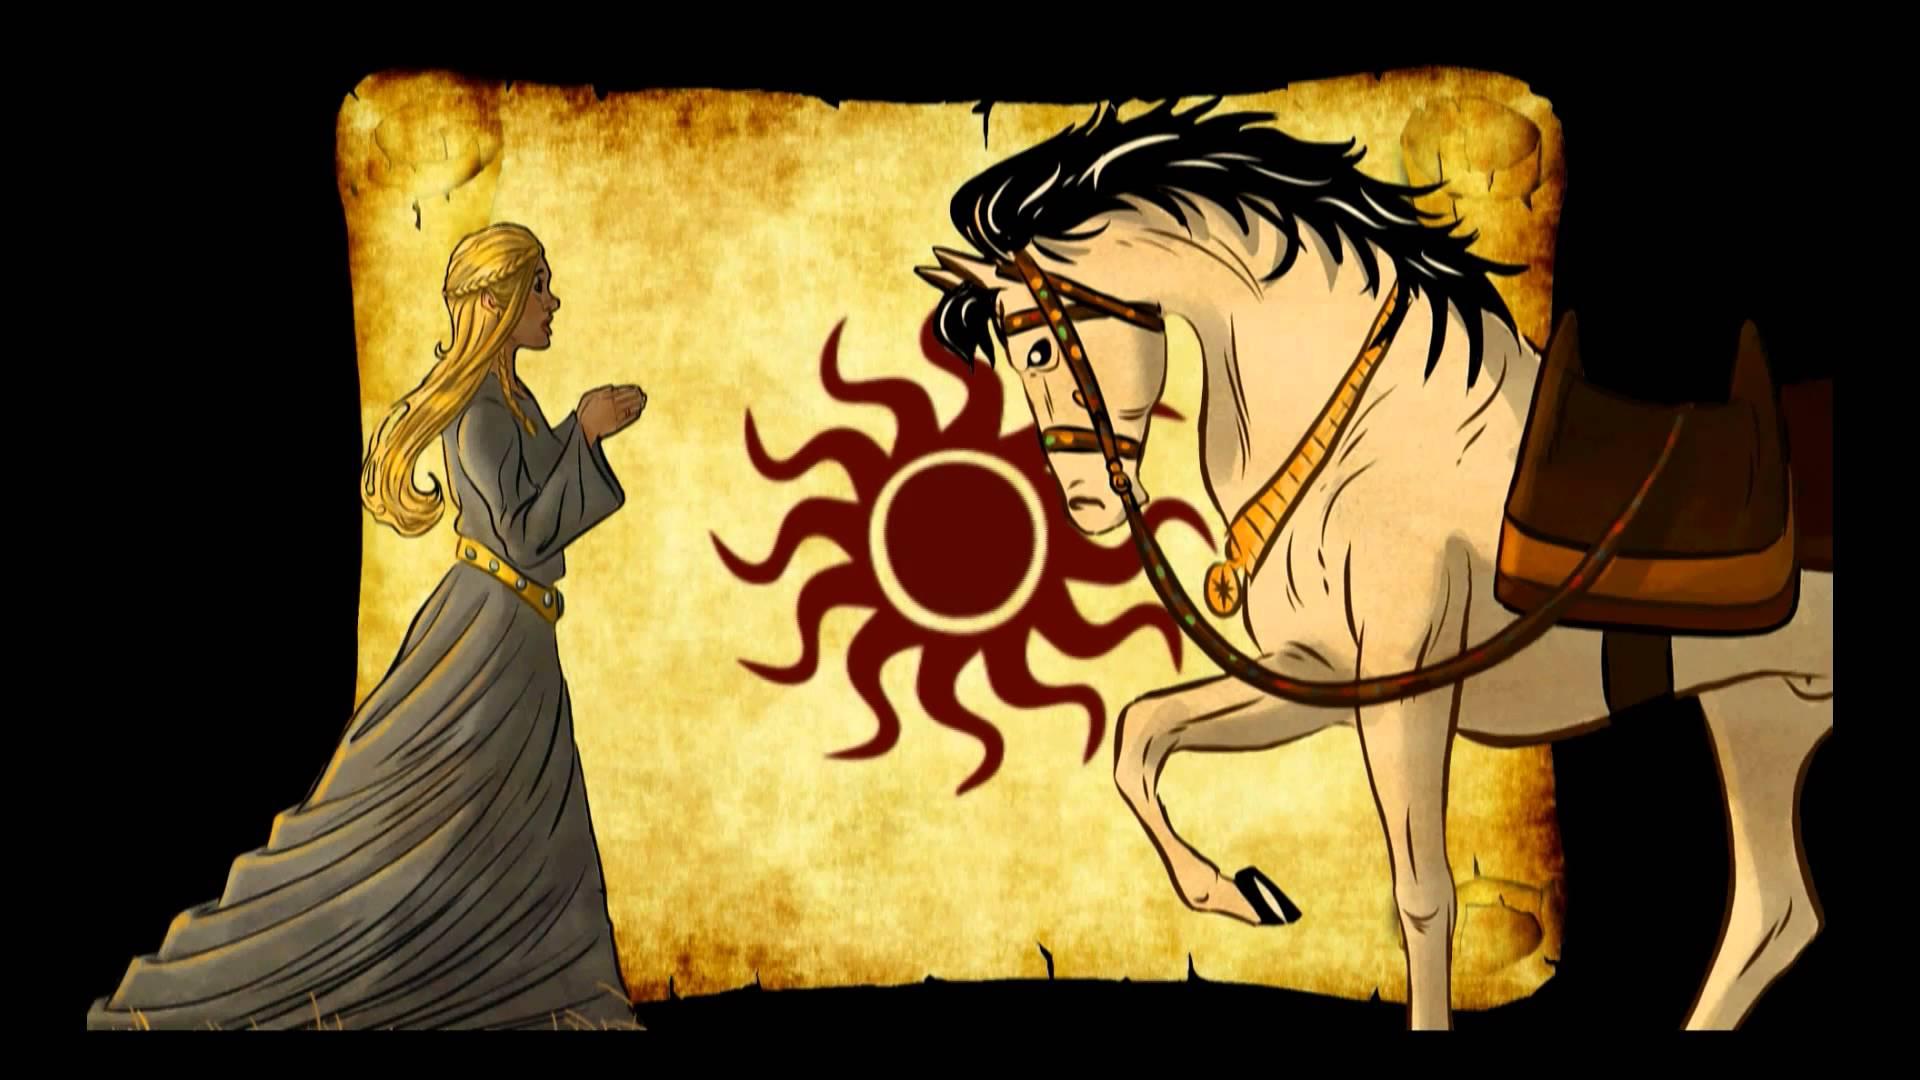 La princesa y el caballo de tiro